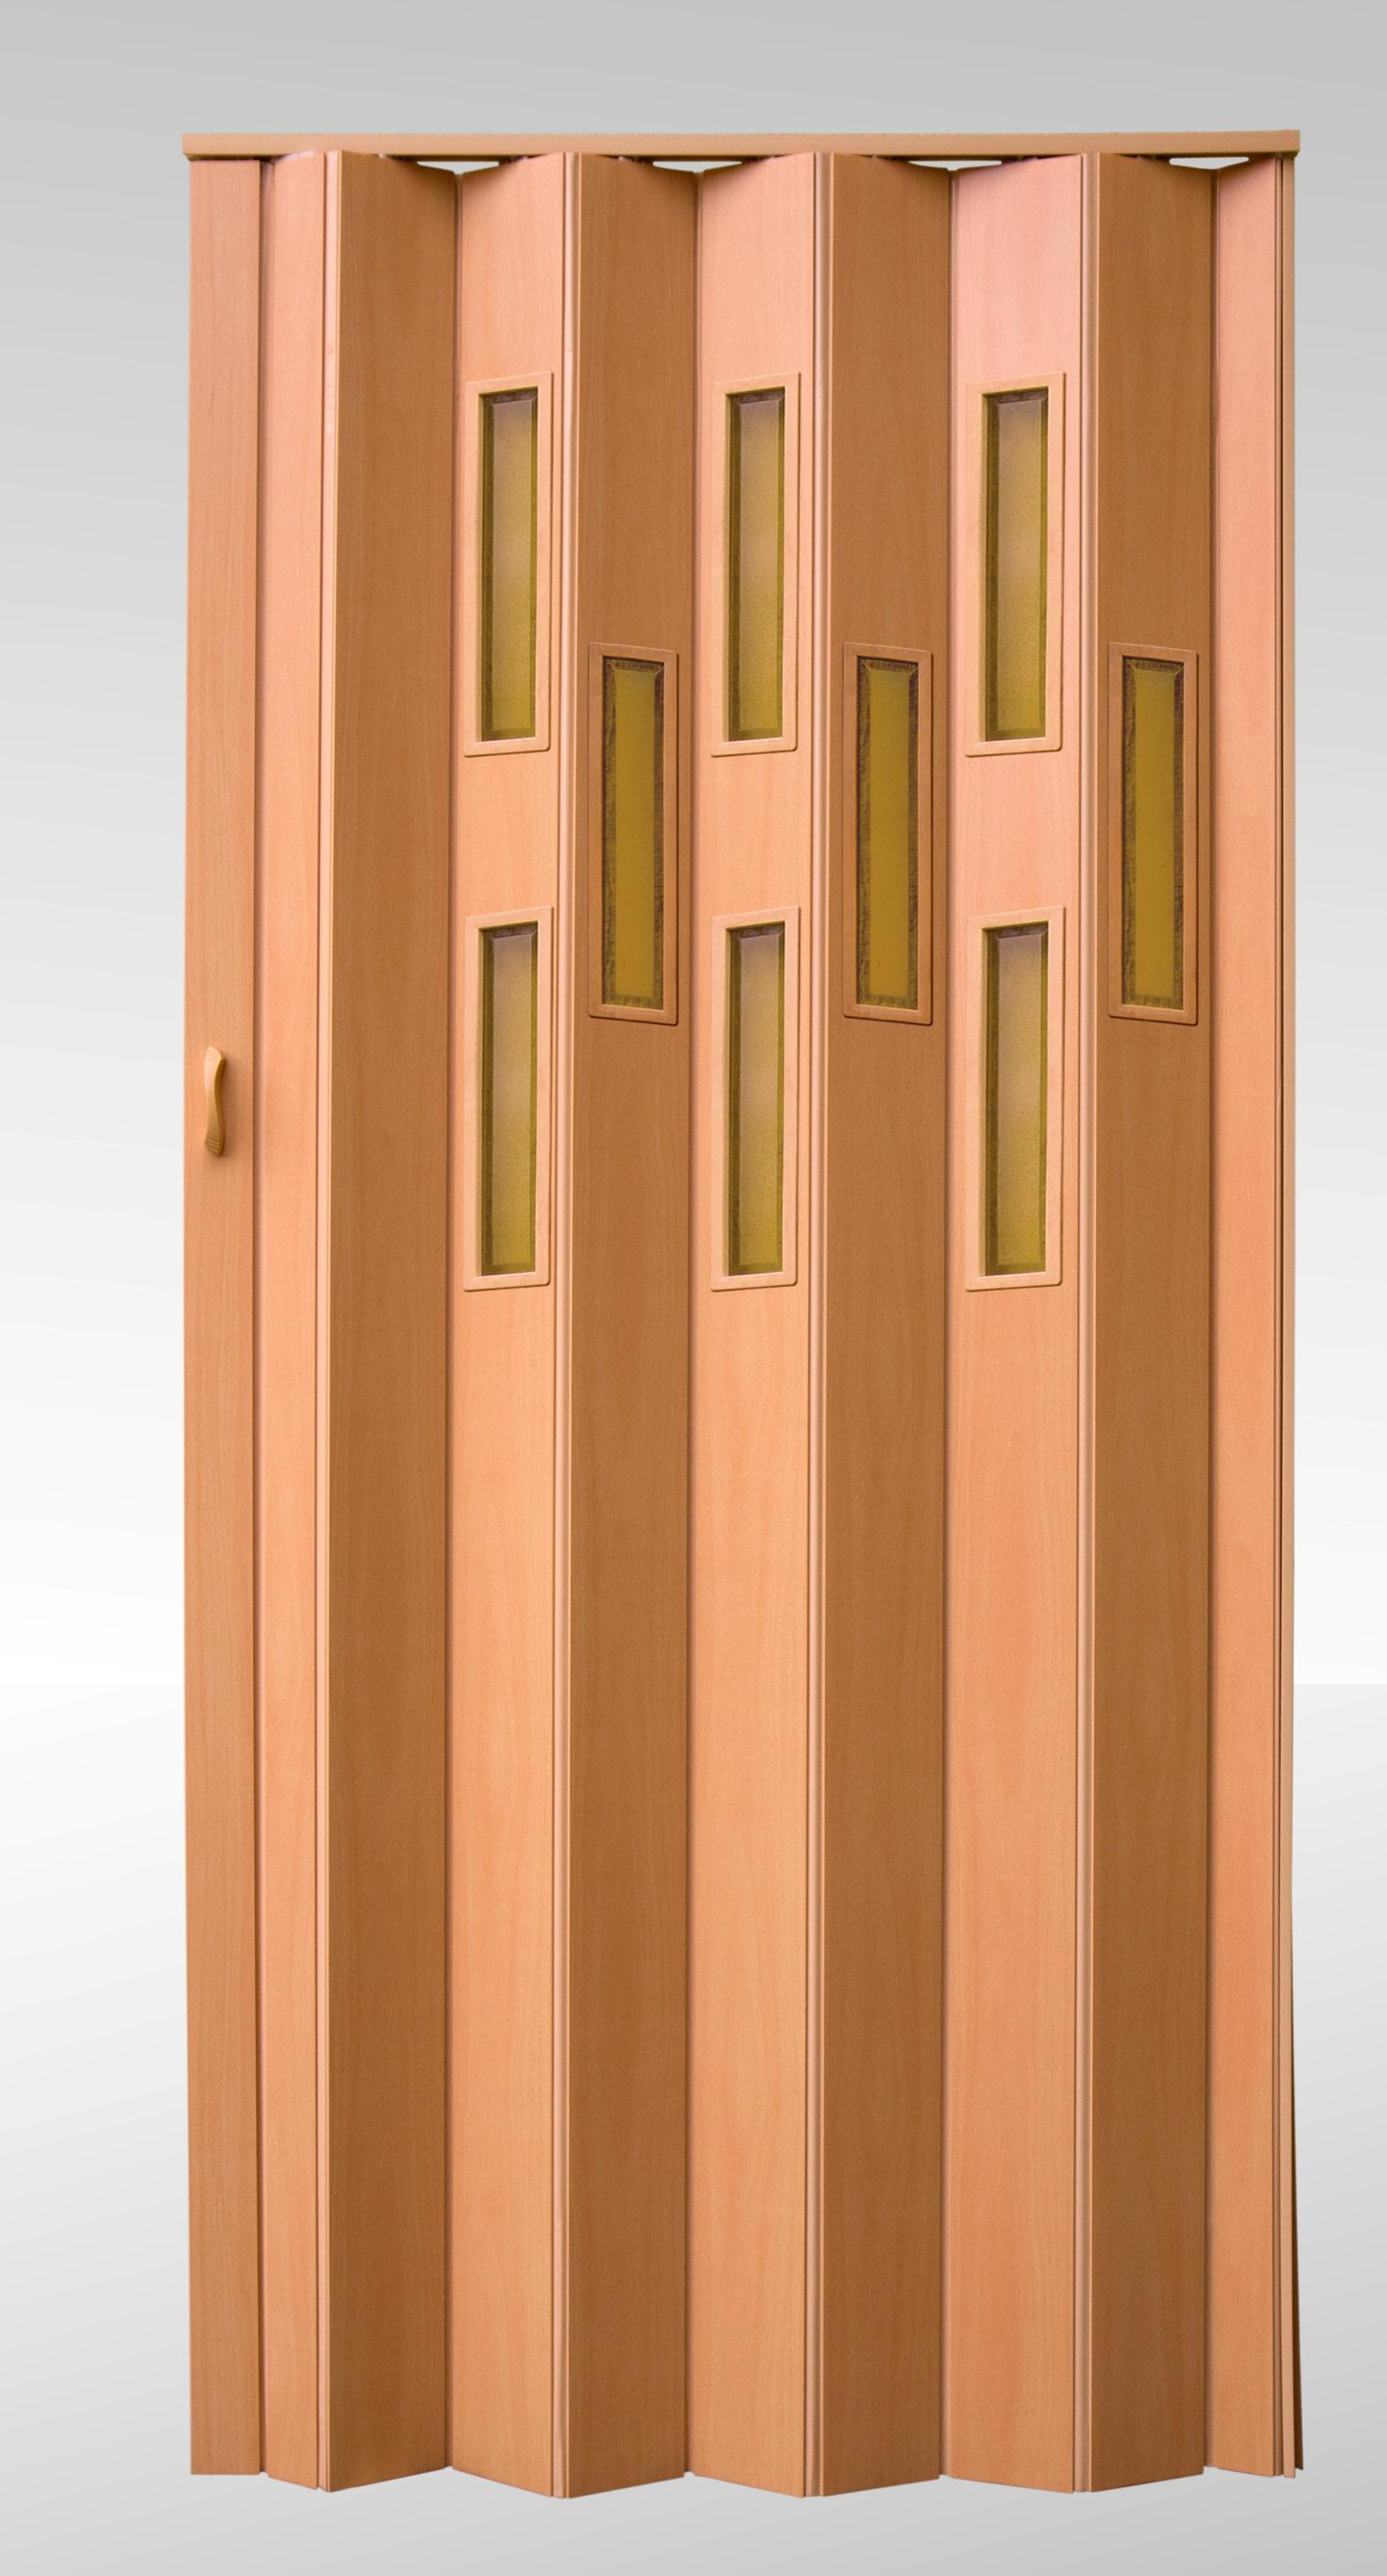 Zhrnovacie dvere